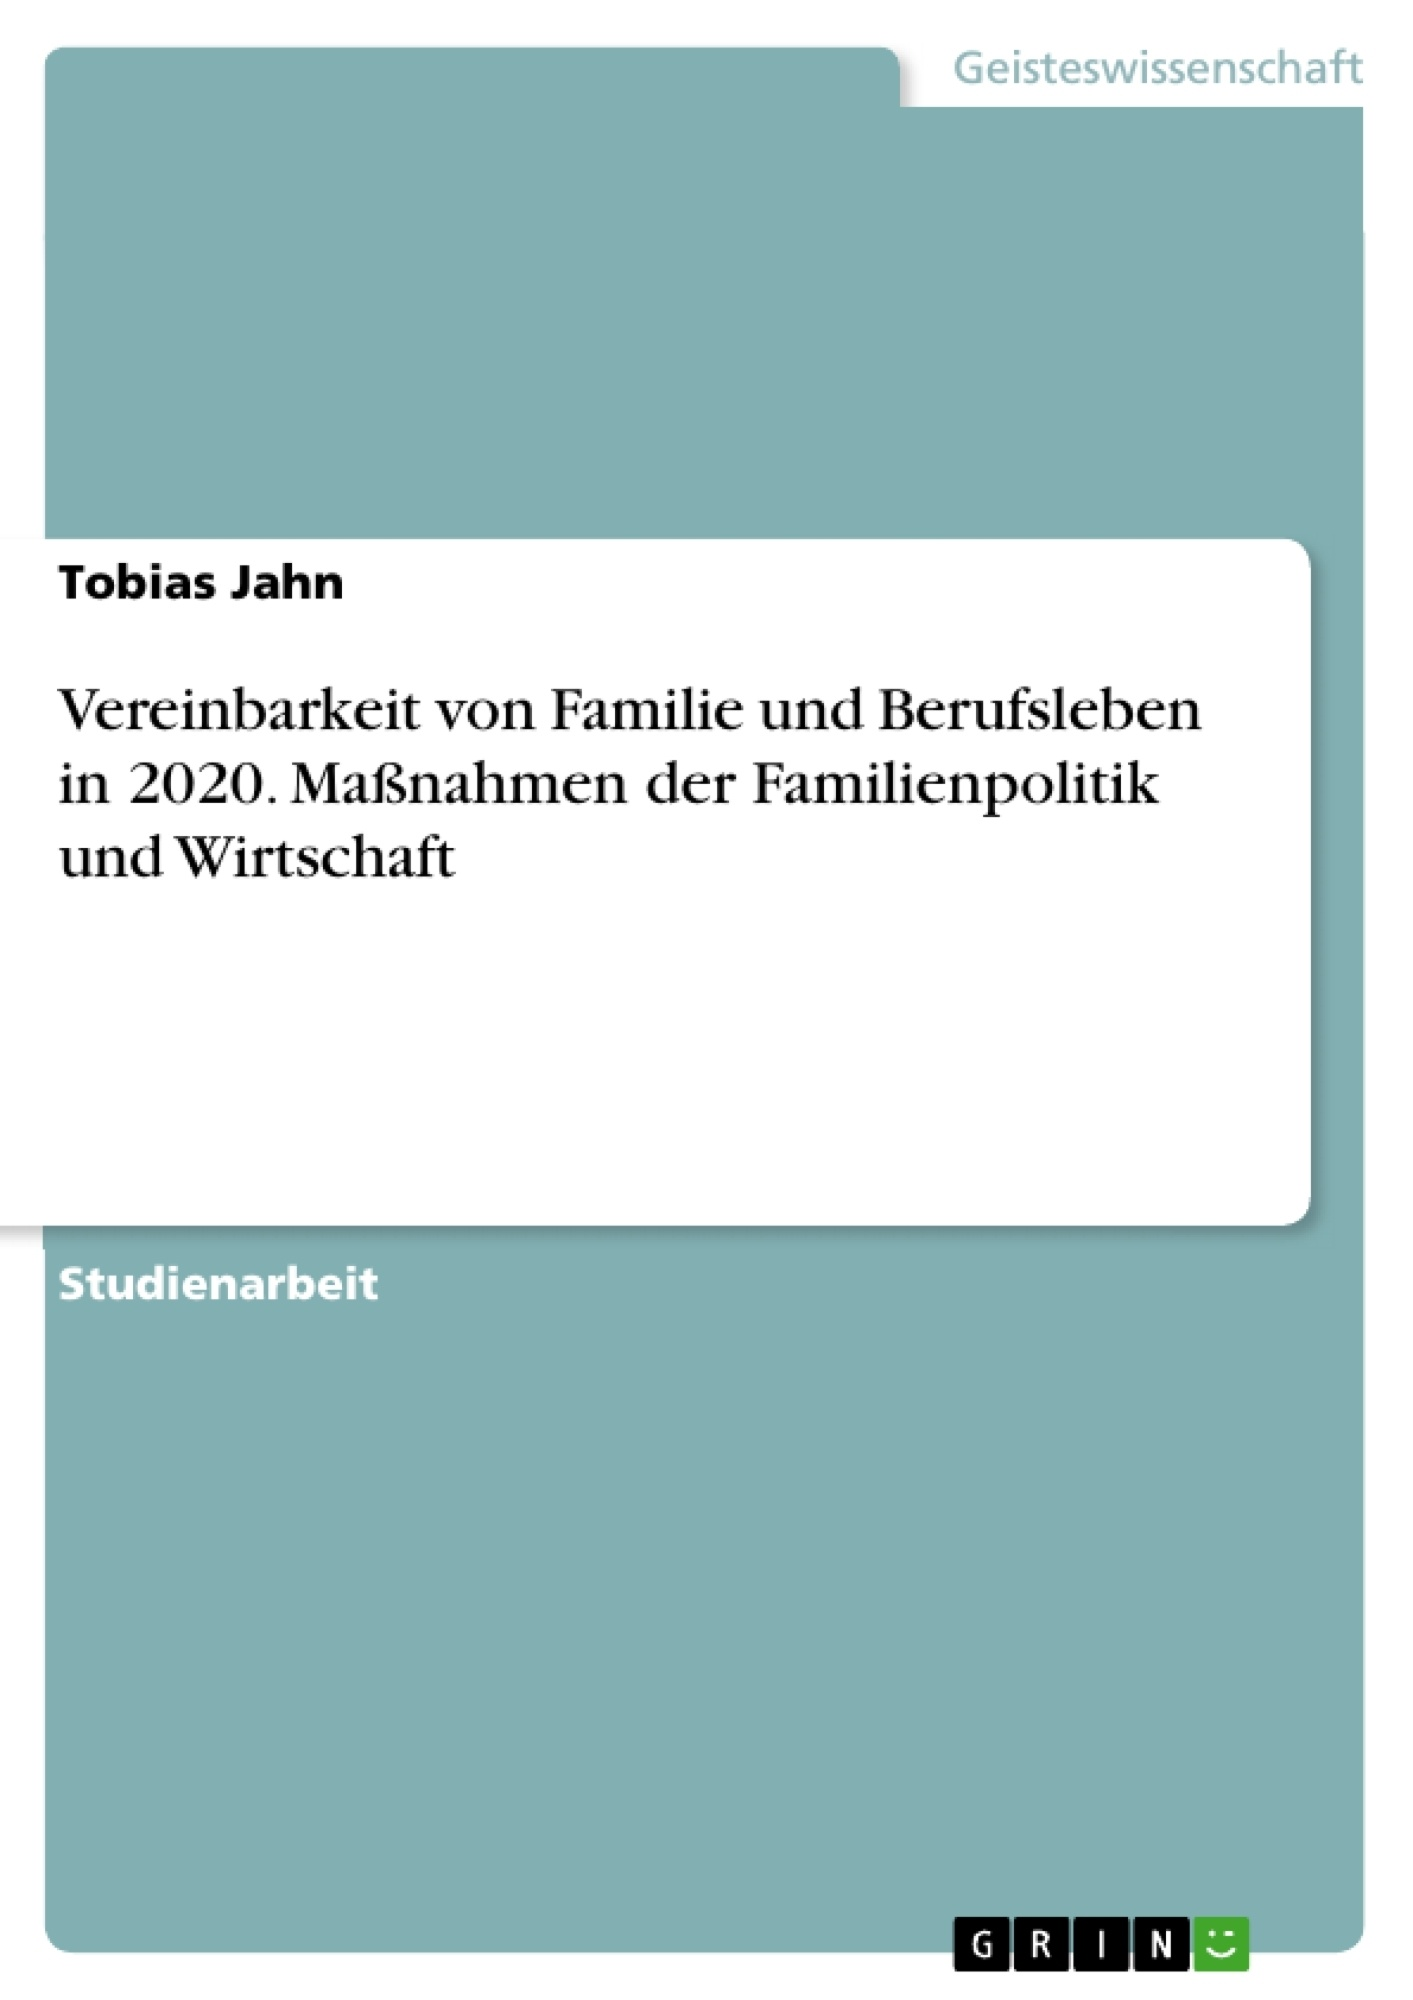 Titel: Vereinbarkeit von Familie und Berufsleben in 2020. Maßnahmen der Familienpolitik und Wirtschaft